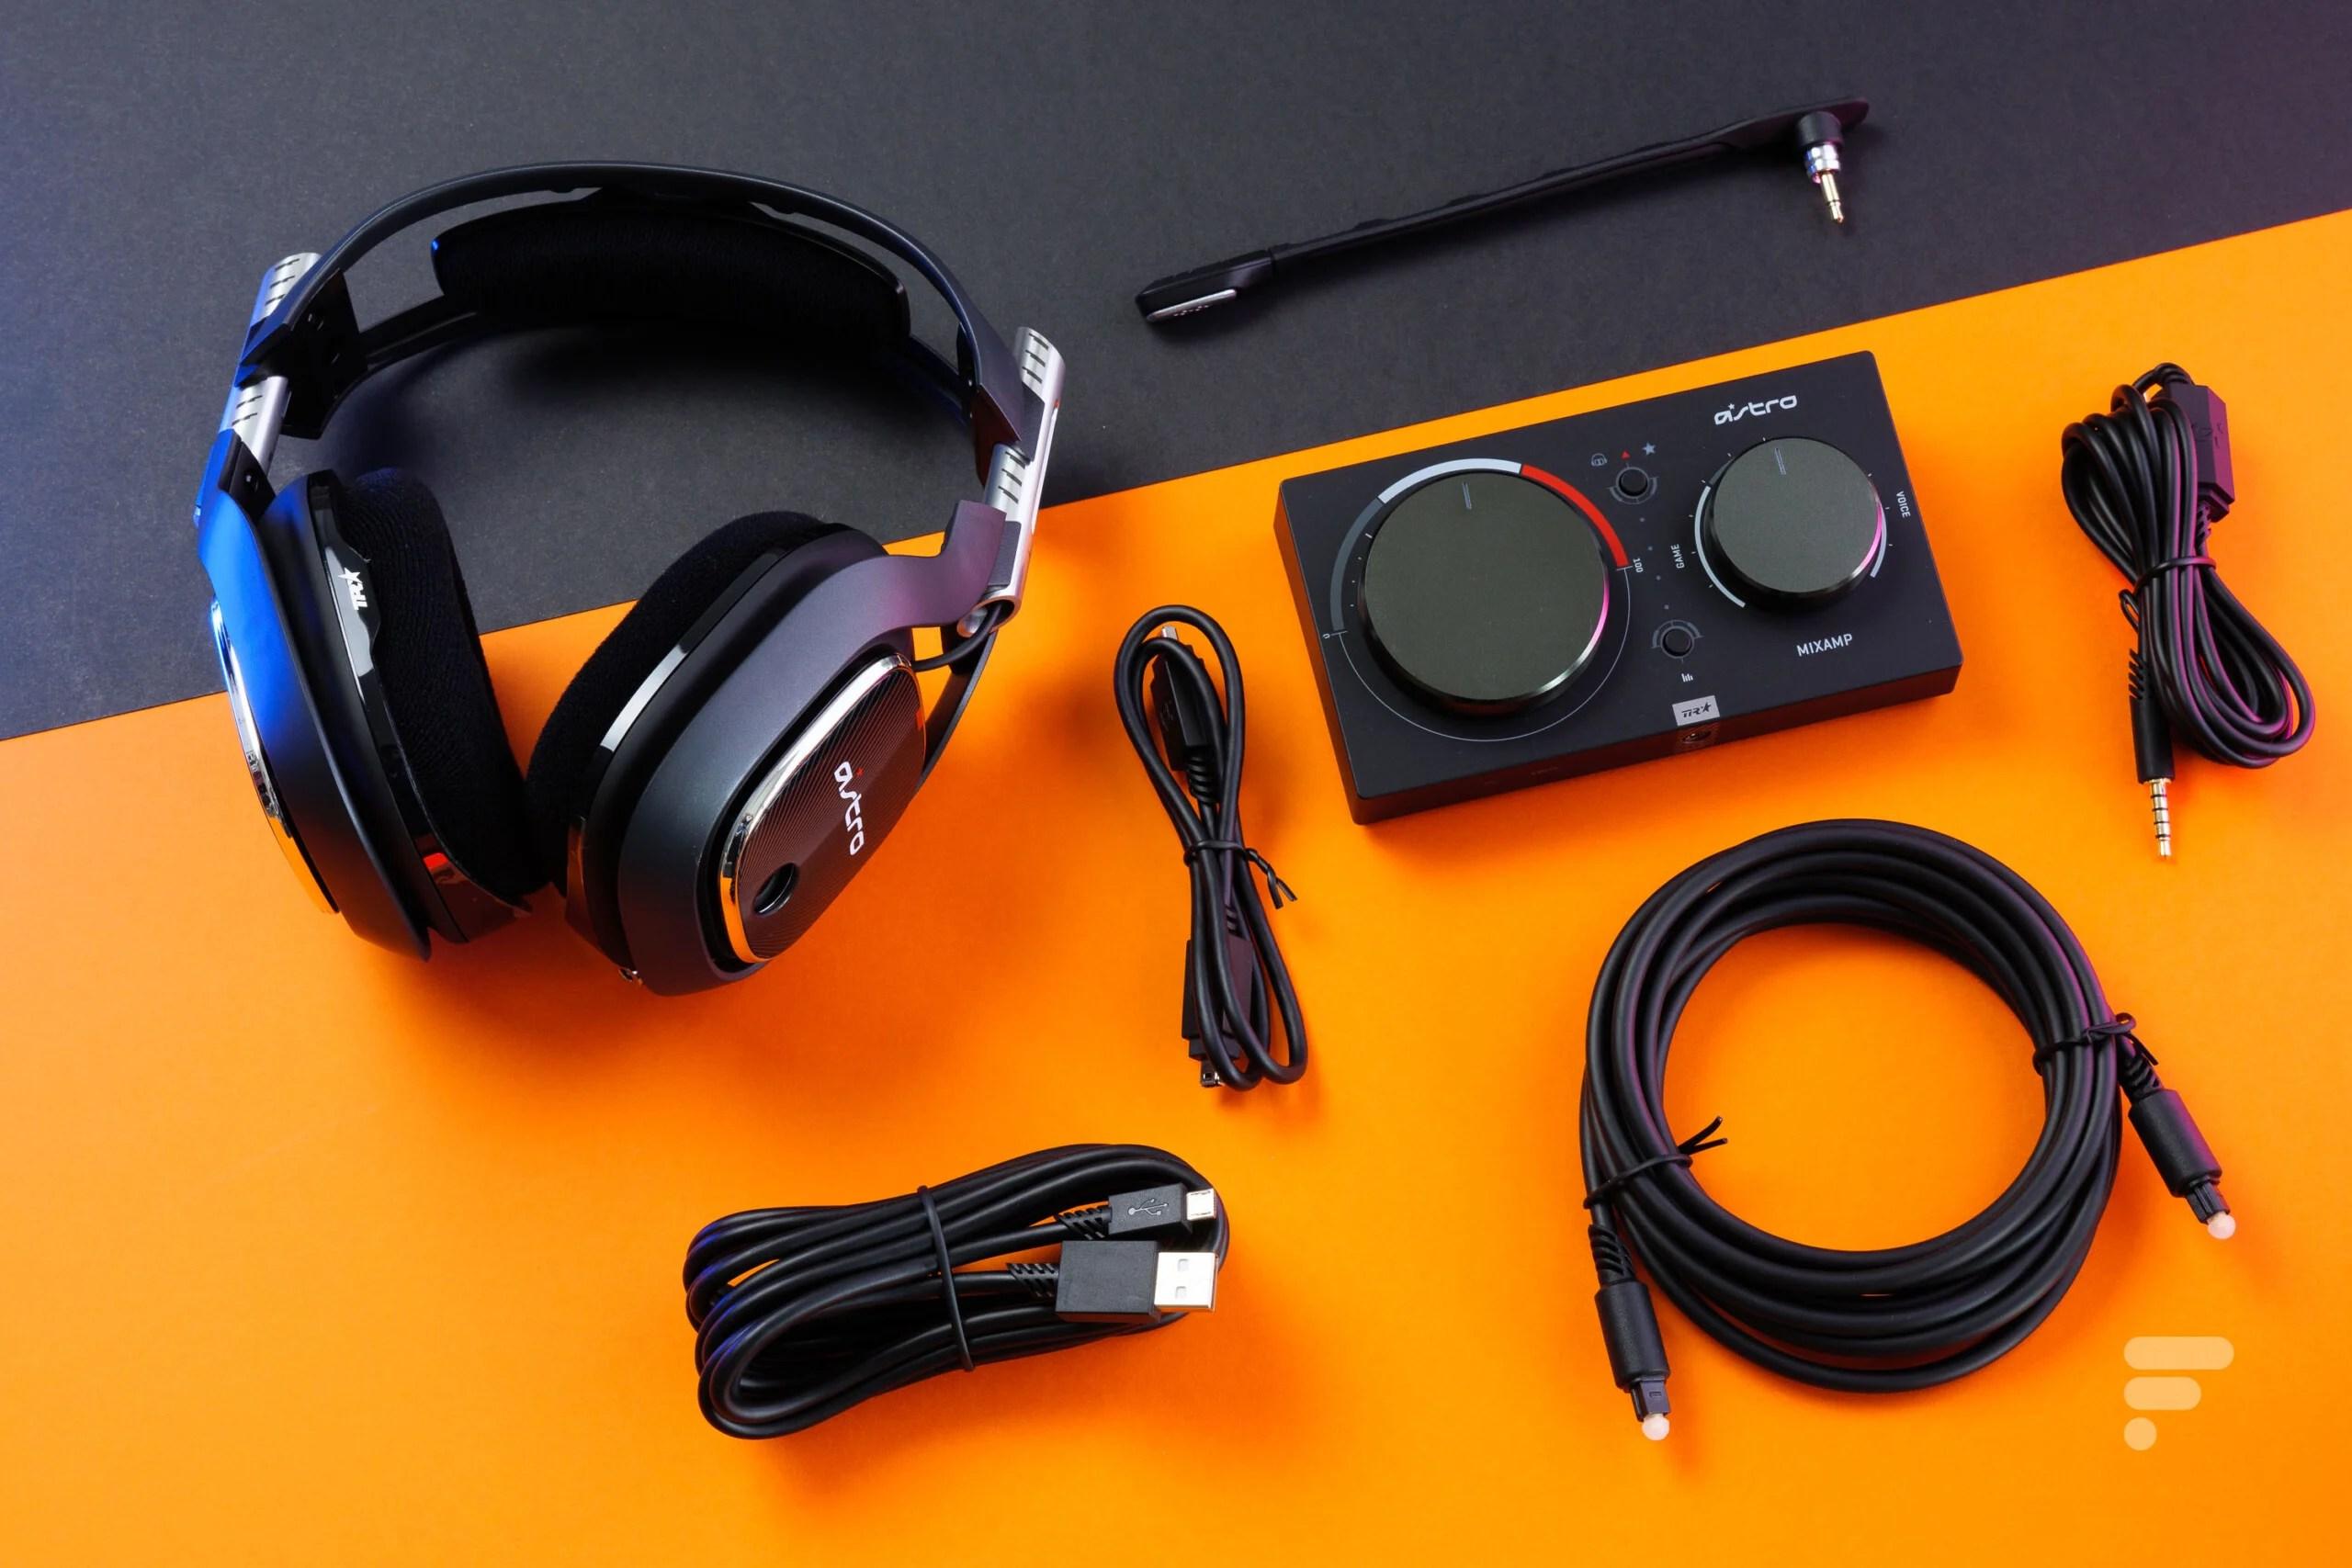 Test du casque Astro A40 TR avec MixAmp Pro TR : le casque ultime ?